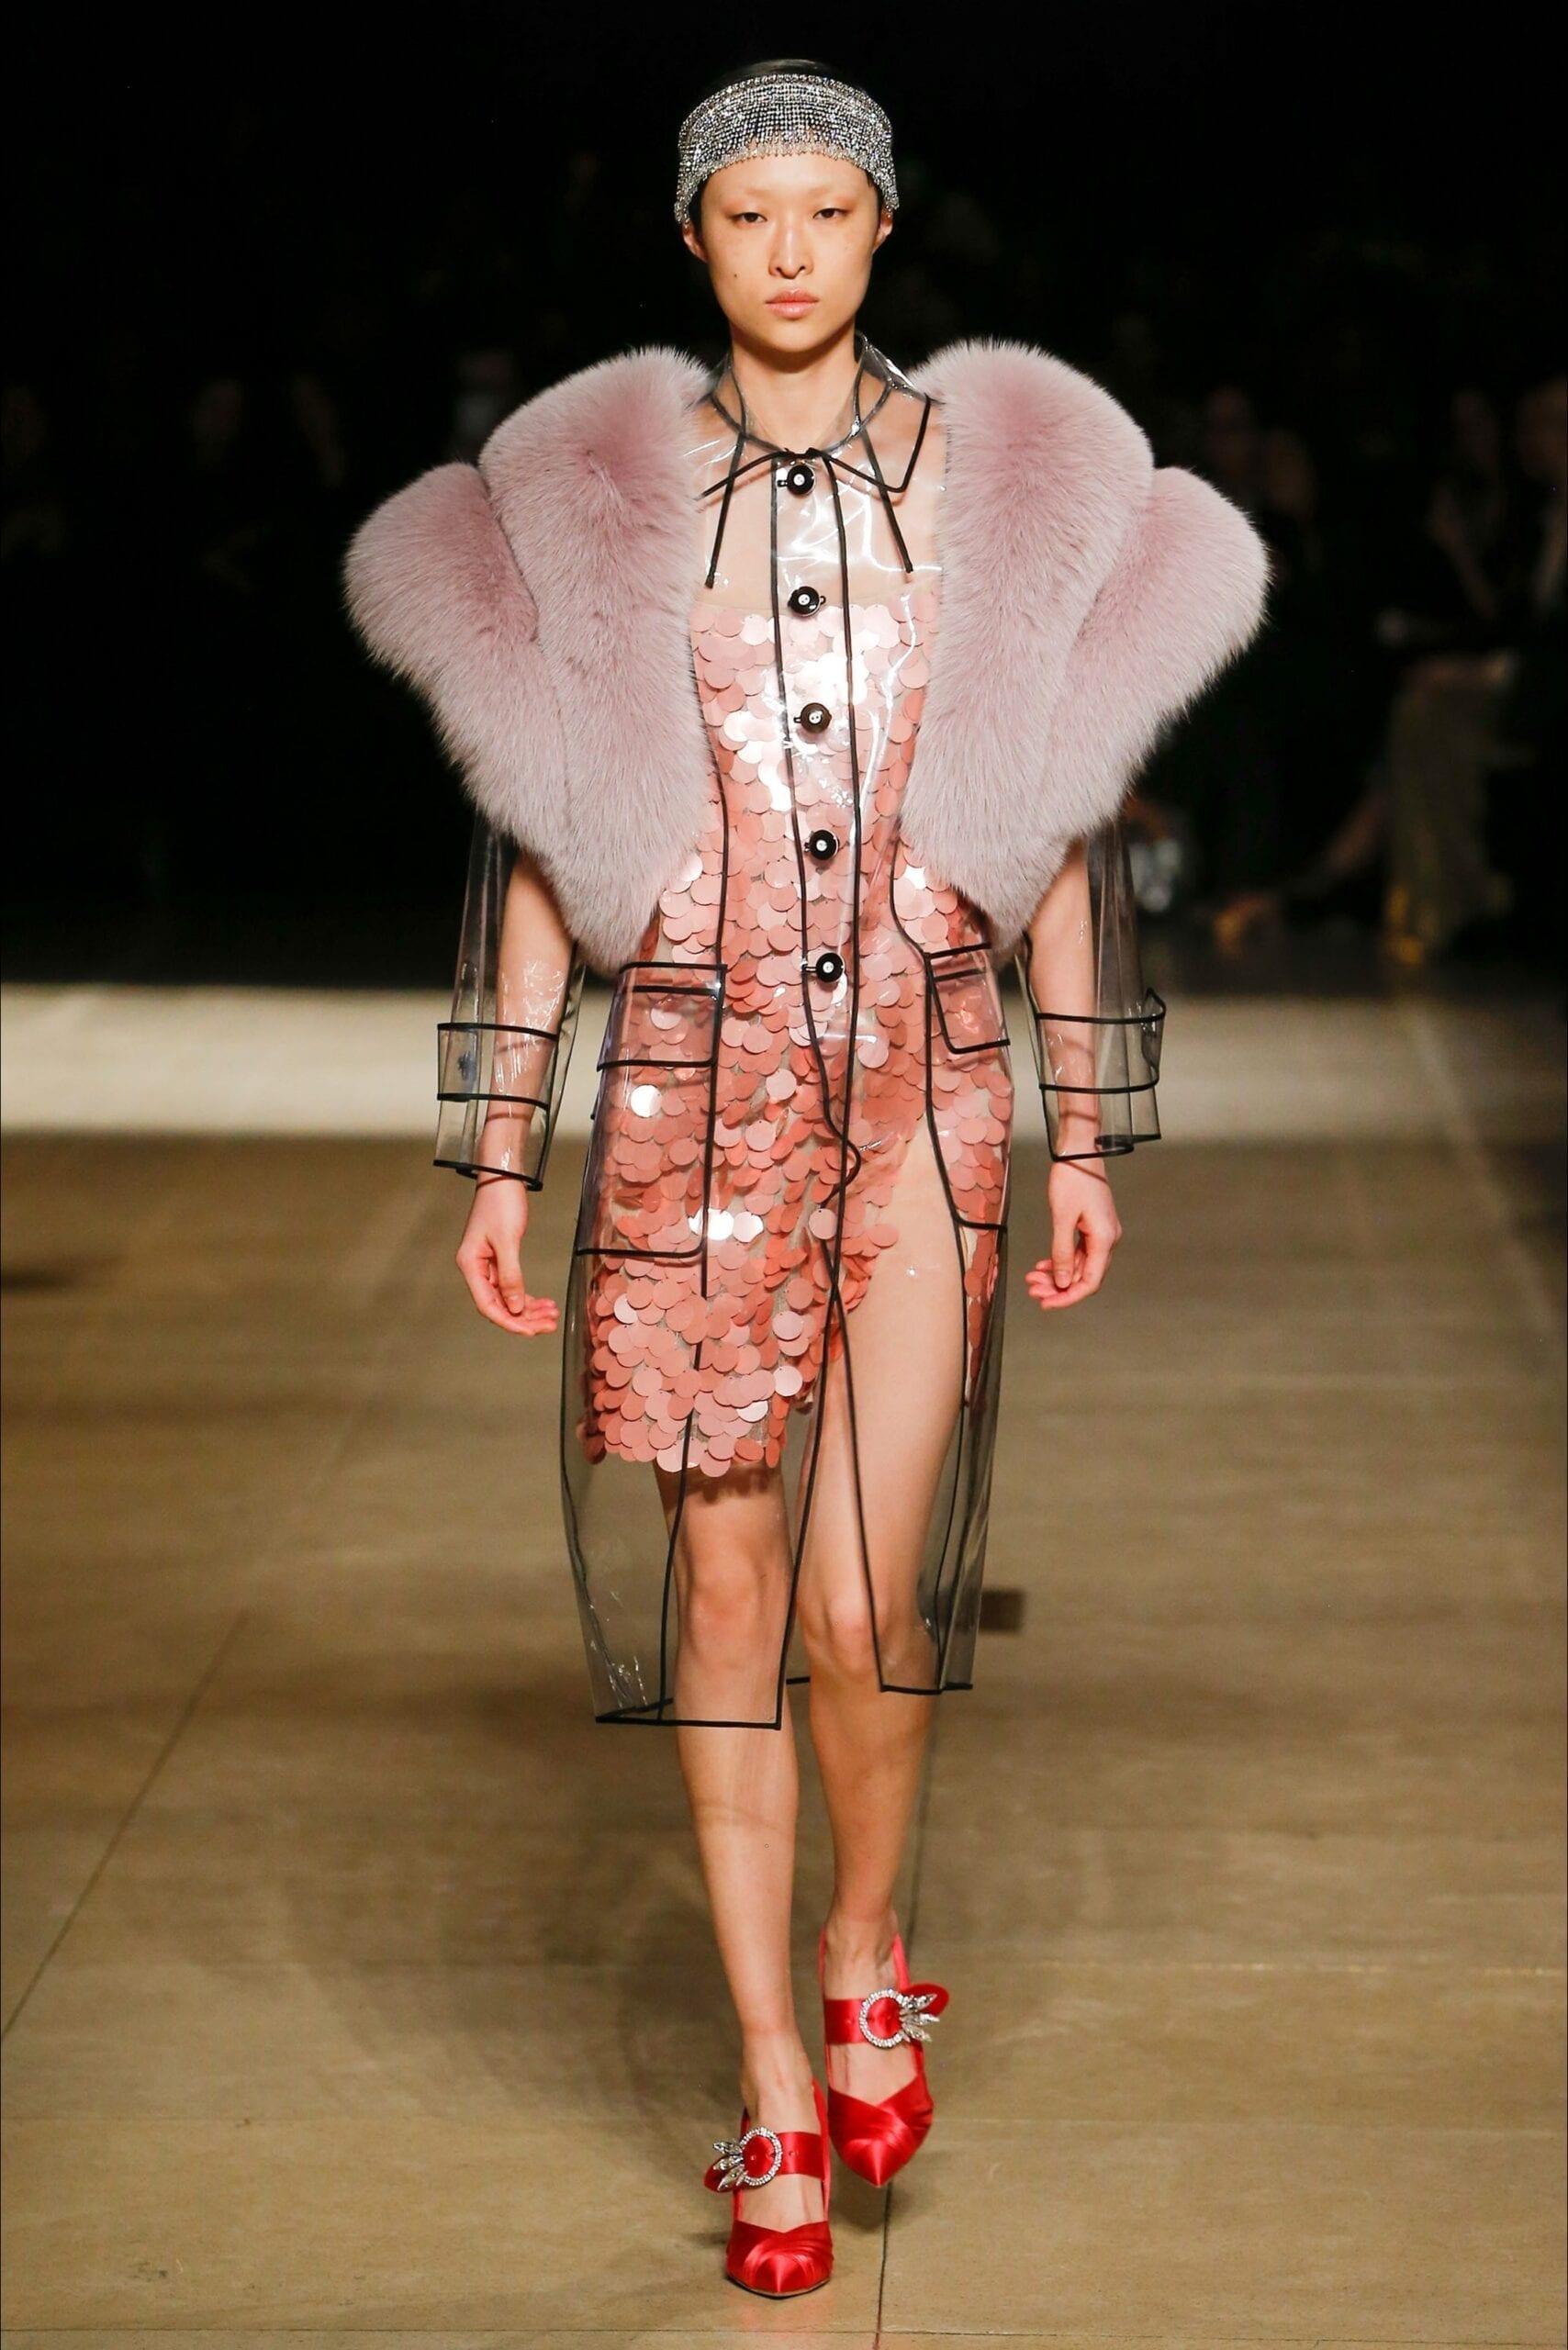 Colore rosa antico, rosa outfit, come indossare rosa, come abbinare rosa, tendenze moda rosa colori 2017, collezioni inverno 2017 2018, theladycracy.it, elisa bellino, fashion blog 2017, fashion blogger italiane 2017, fashion blogger famose 2017, blogger moda 2017, fashion blogger più influenti 2017,